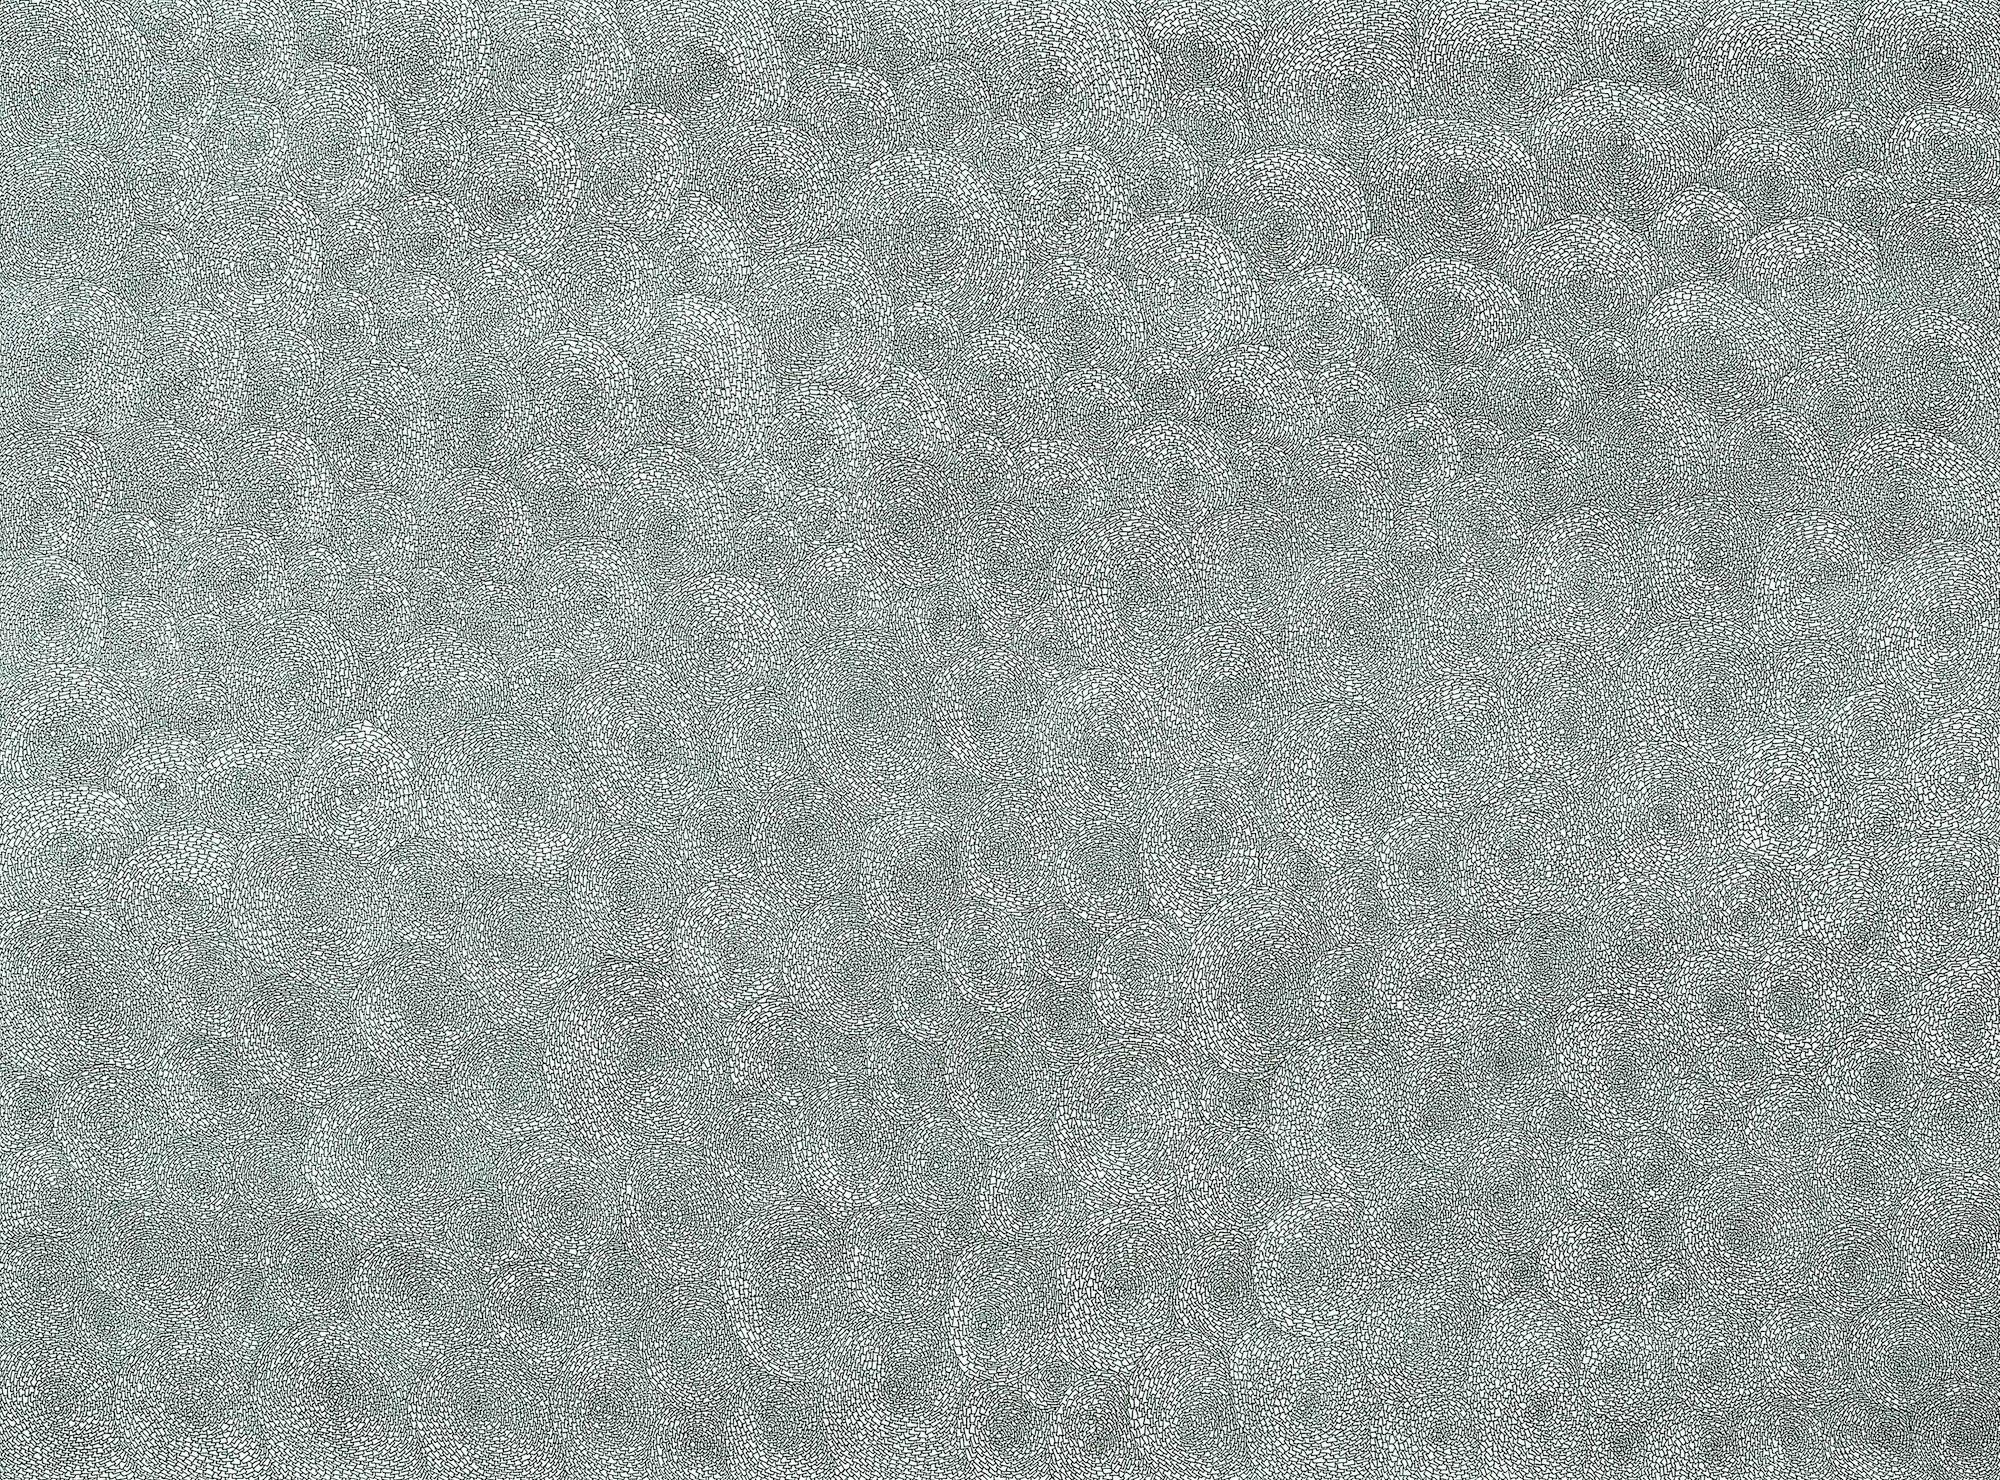 World of spheres 2013 Felt tip pen on paper 56.5 cm x 76 cm